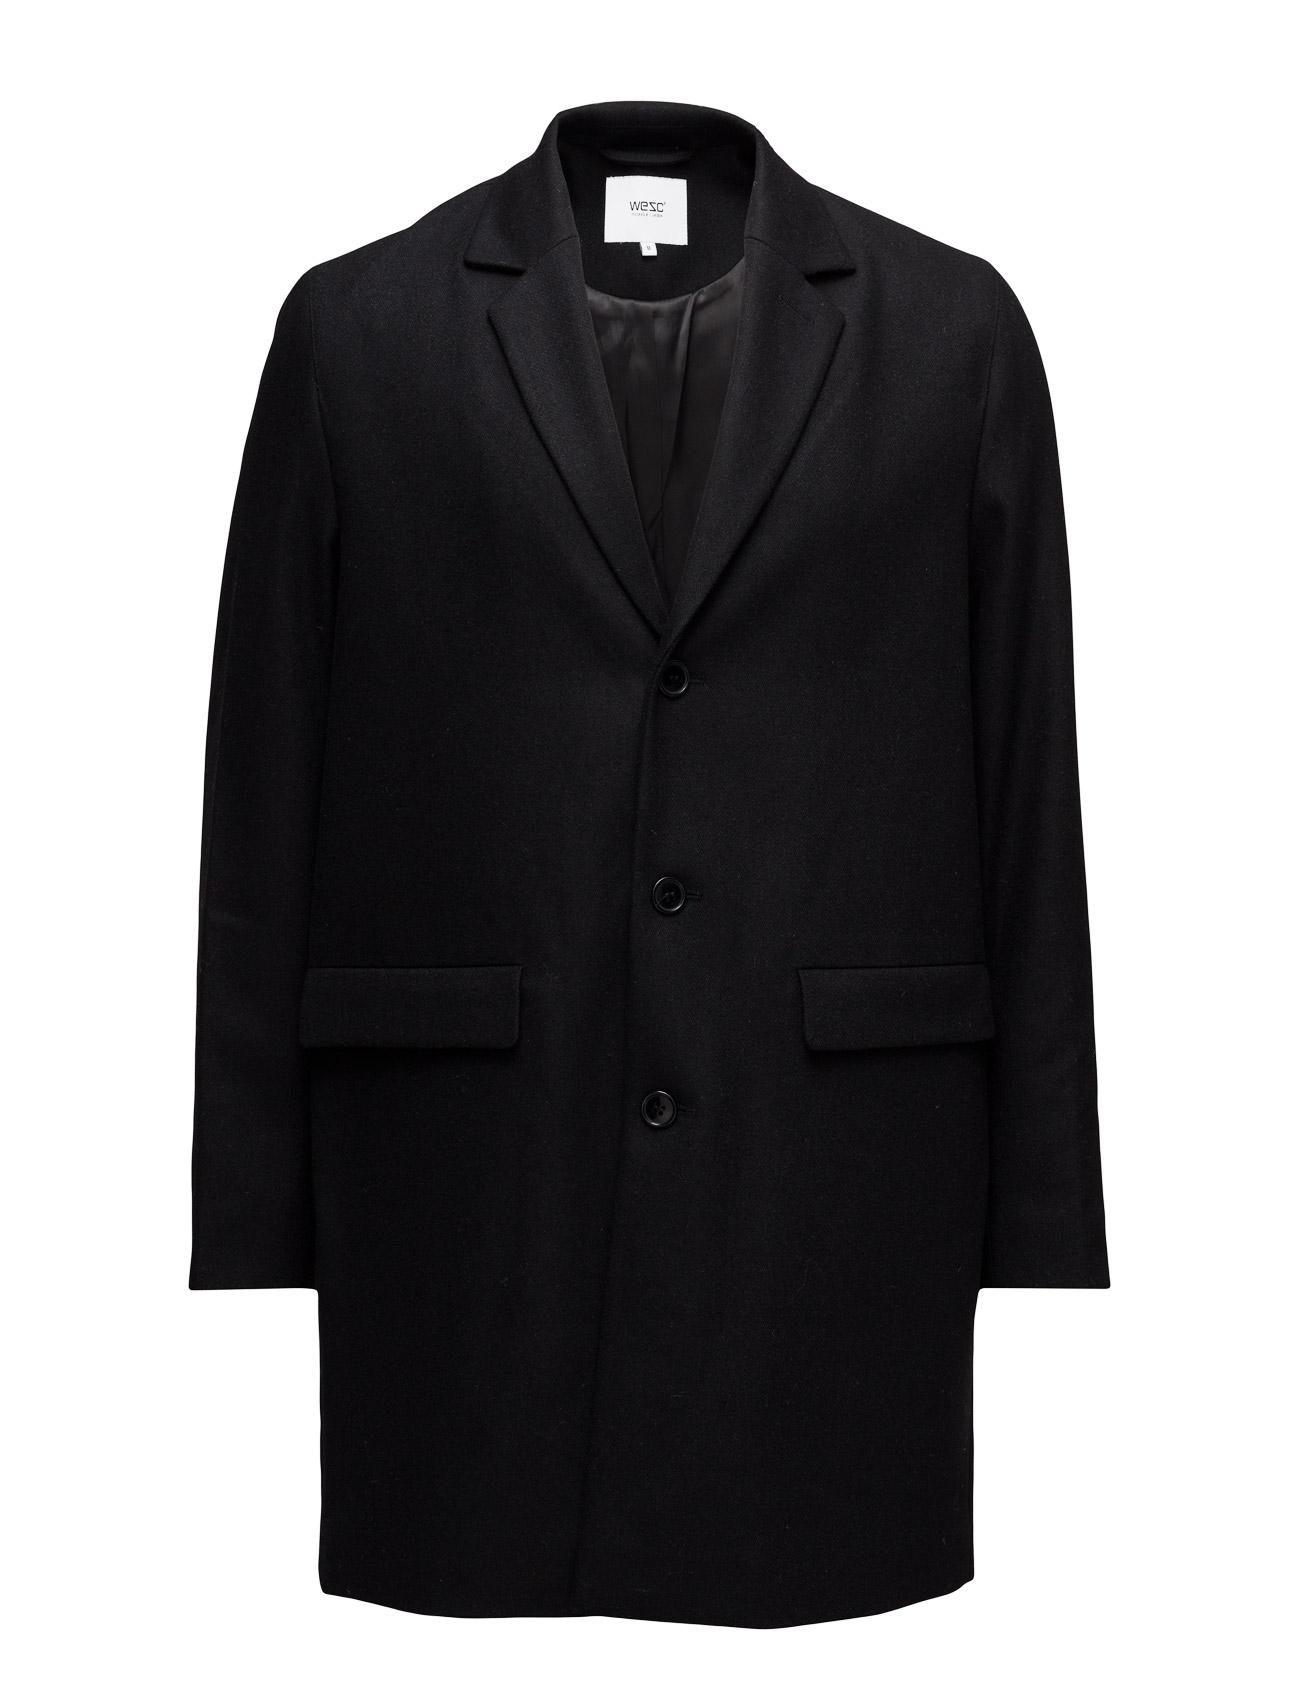 wesc – Rock wool coat på boozt.com dk